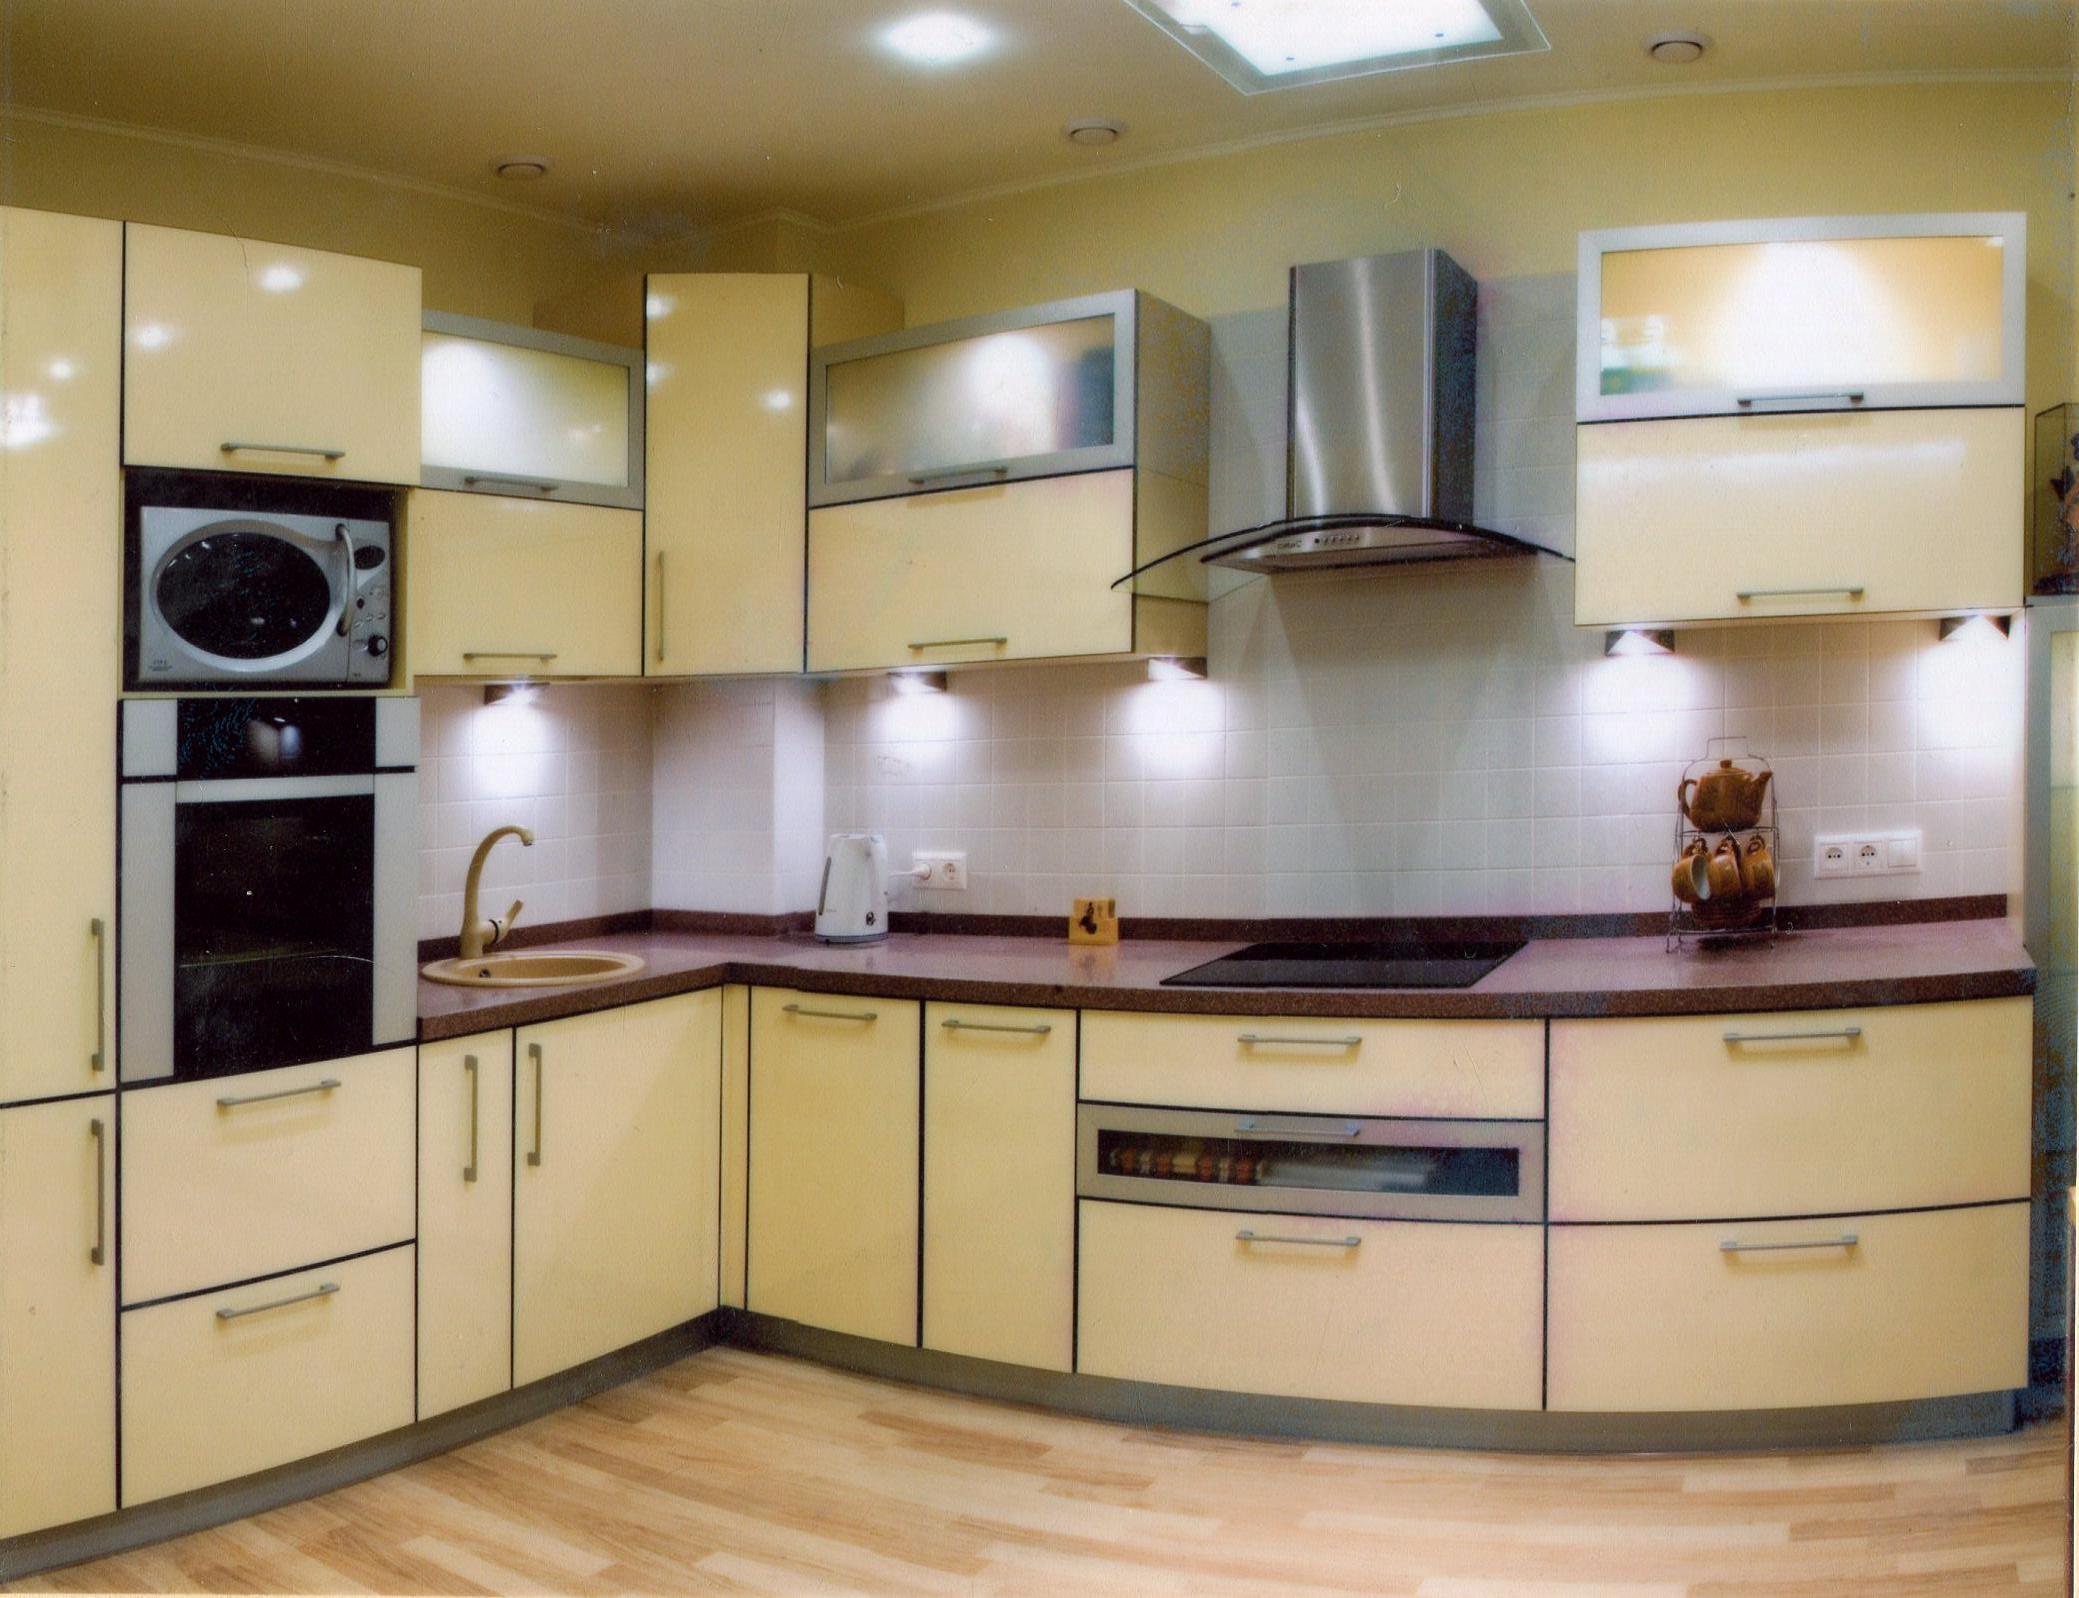 кухонная мебель для маленькой кухни рузский район